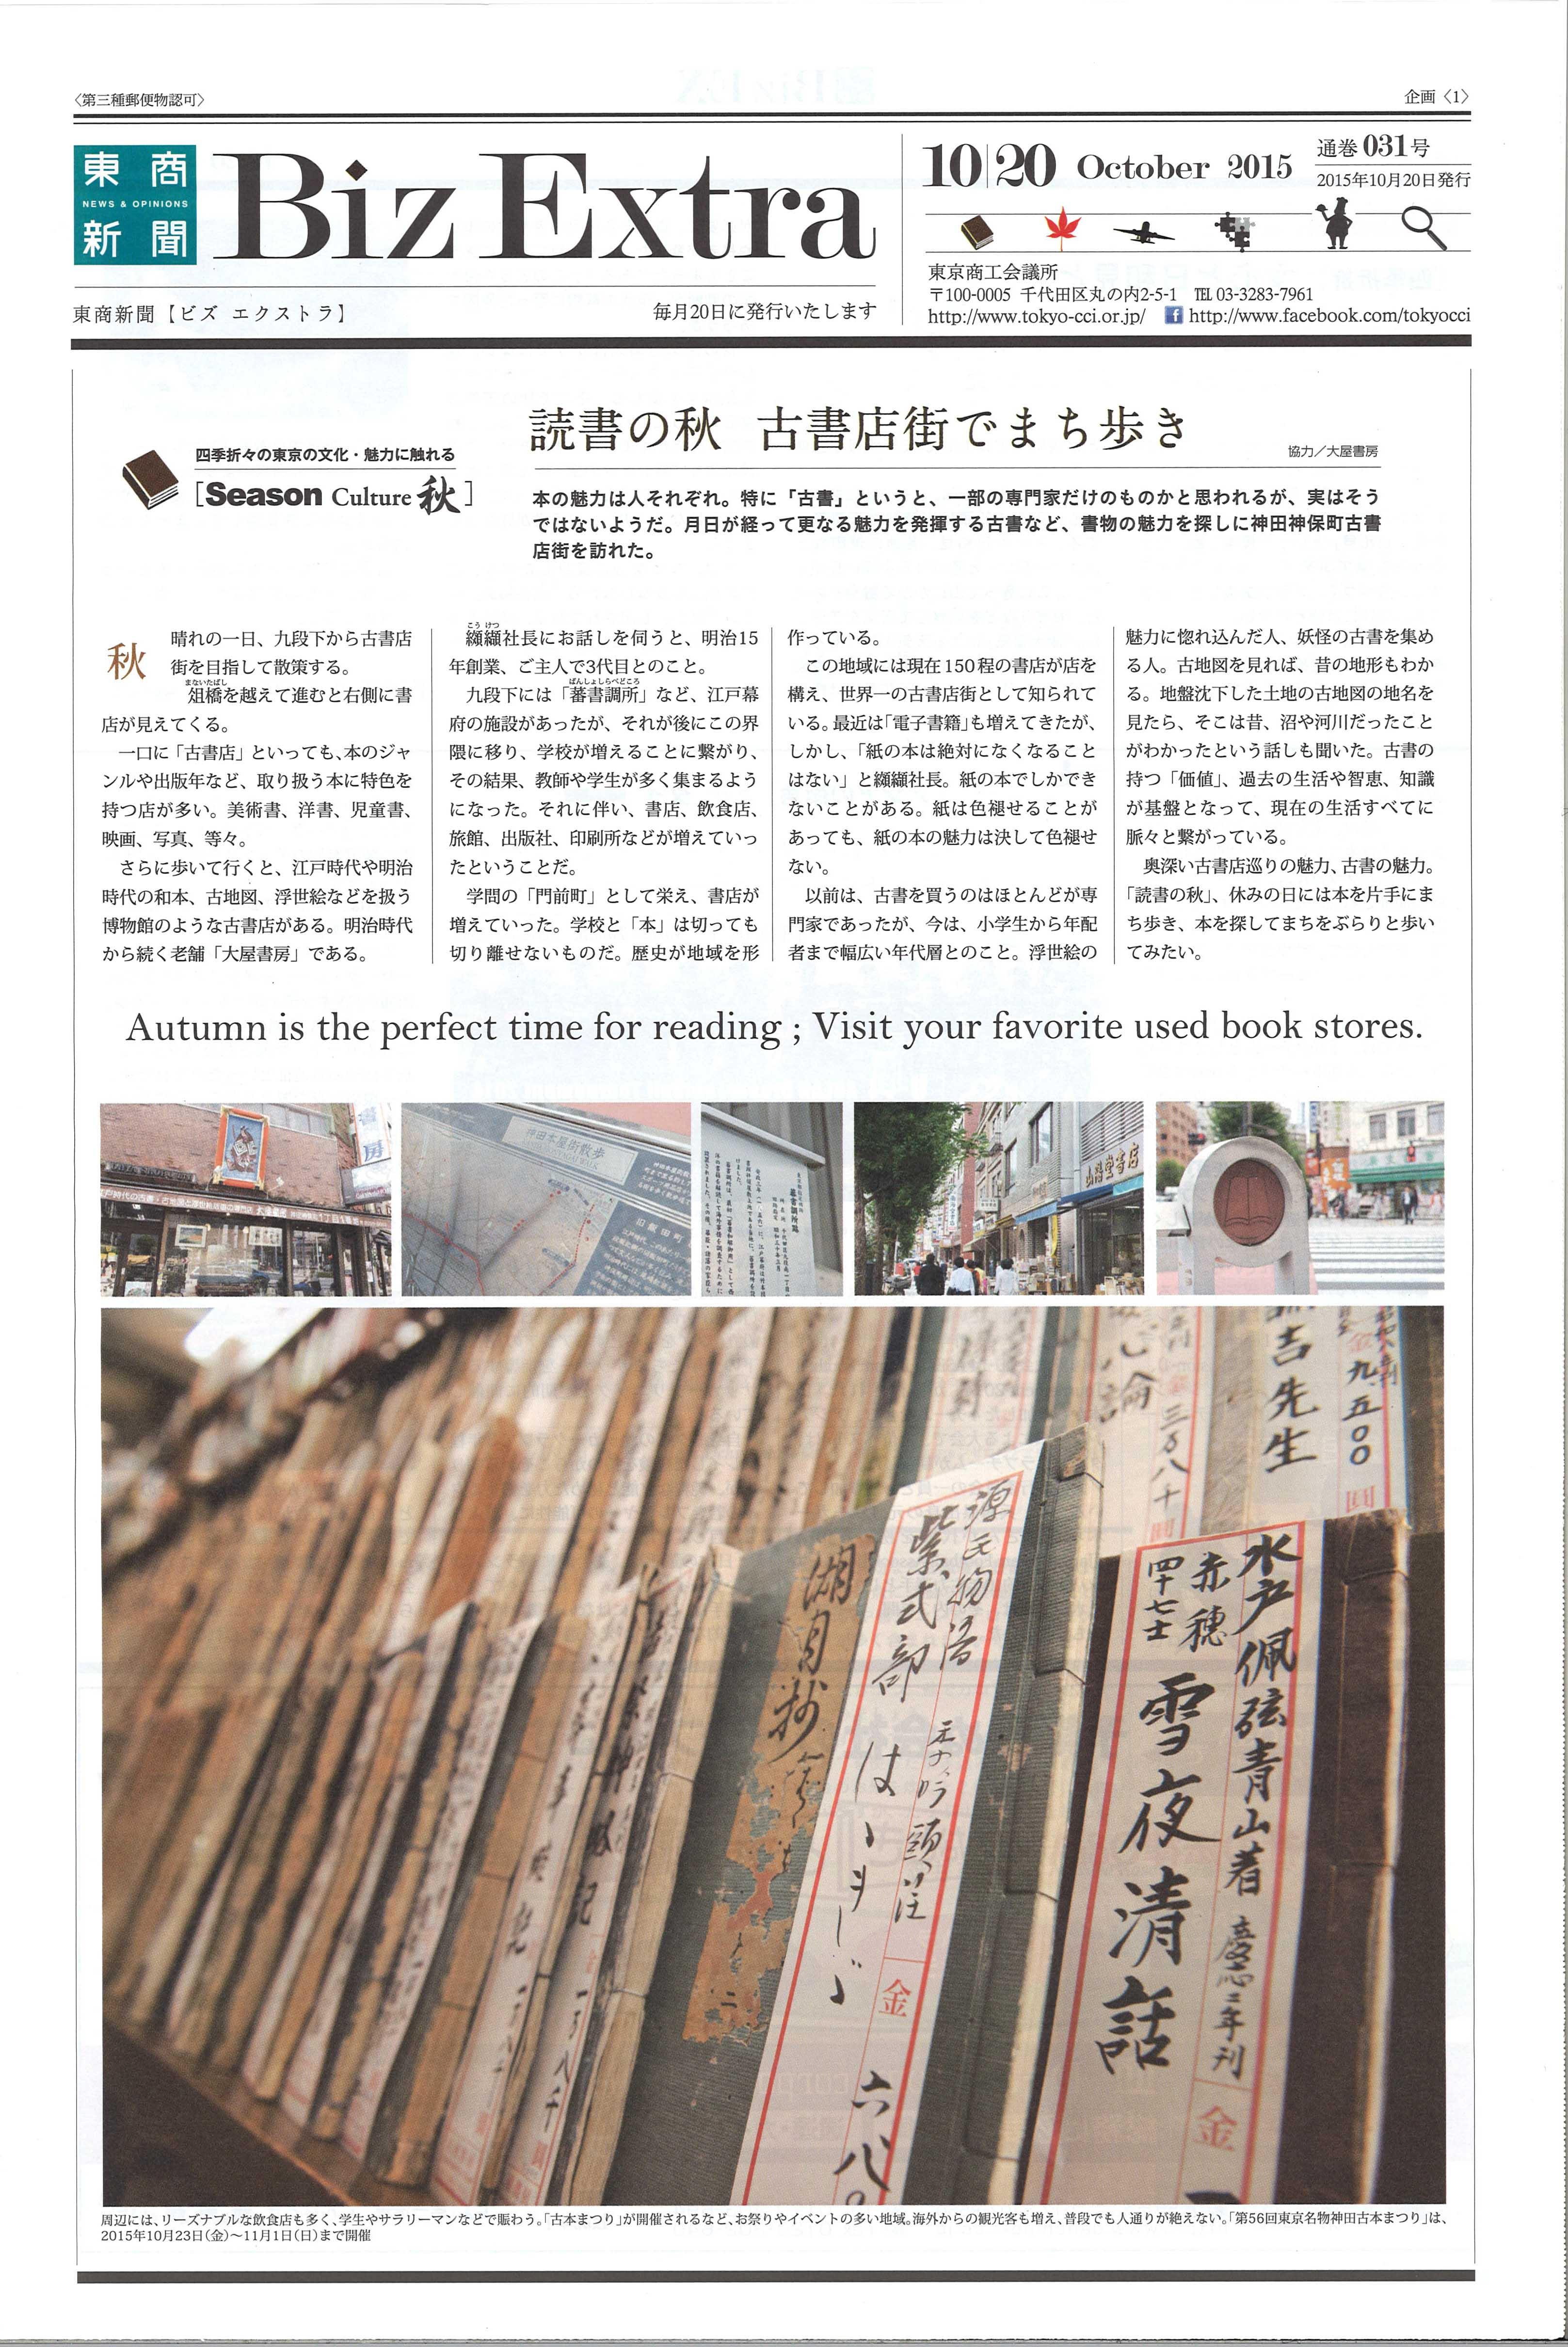 「東商新聞 Biz Extra」 October 2015 通巻031号